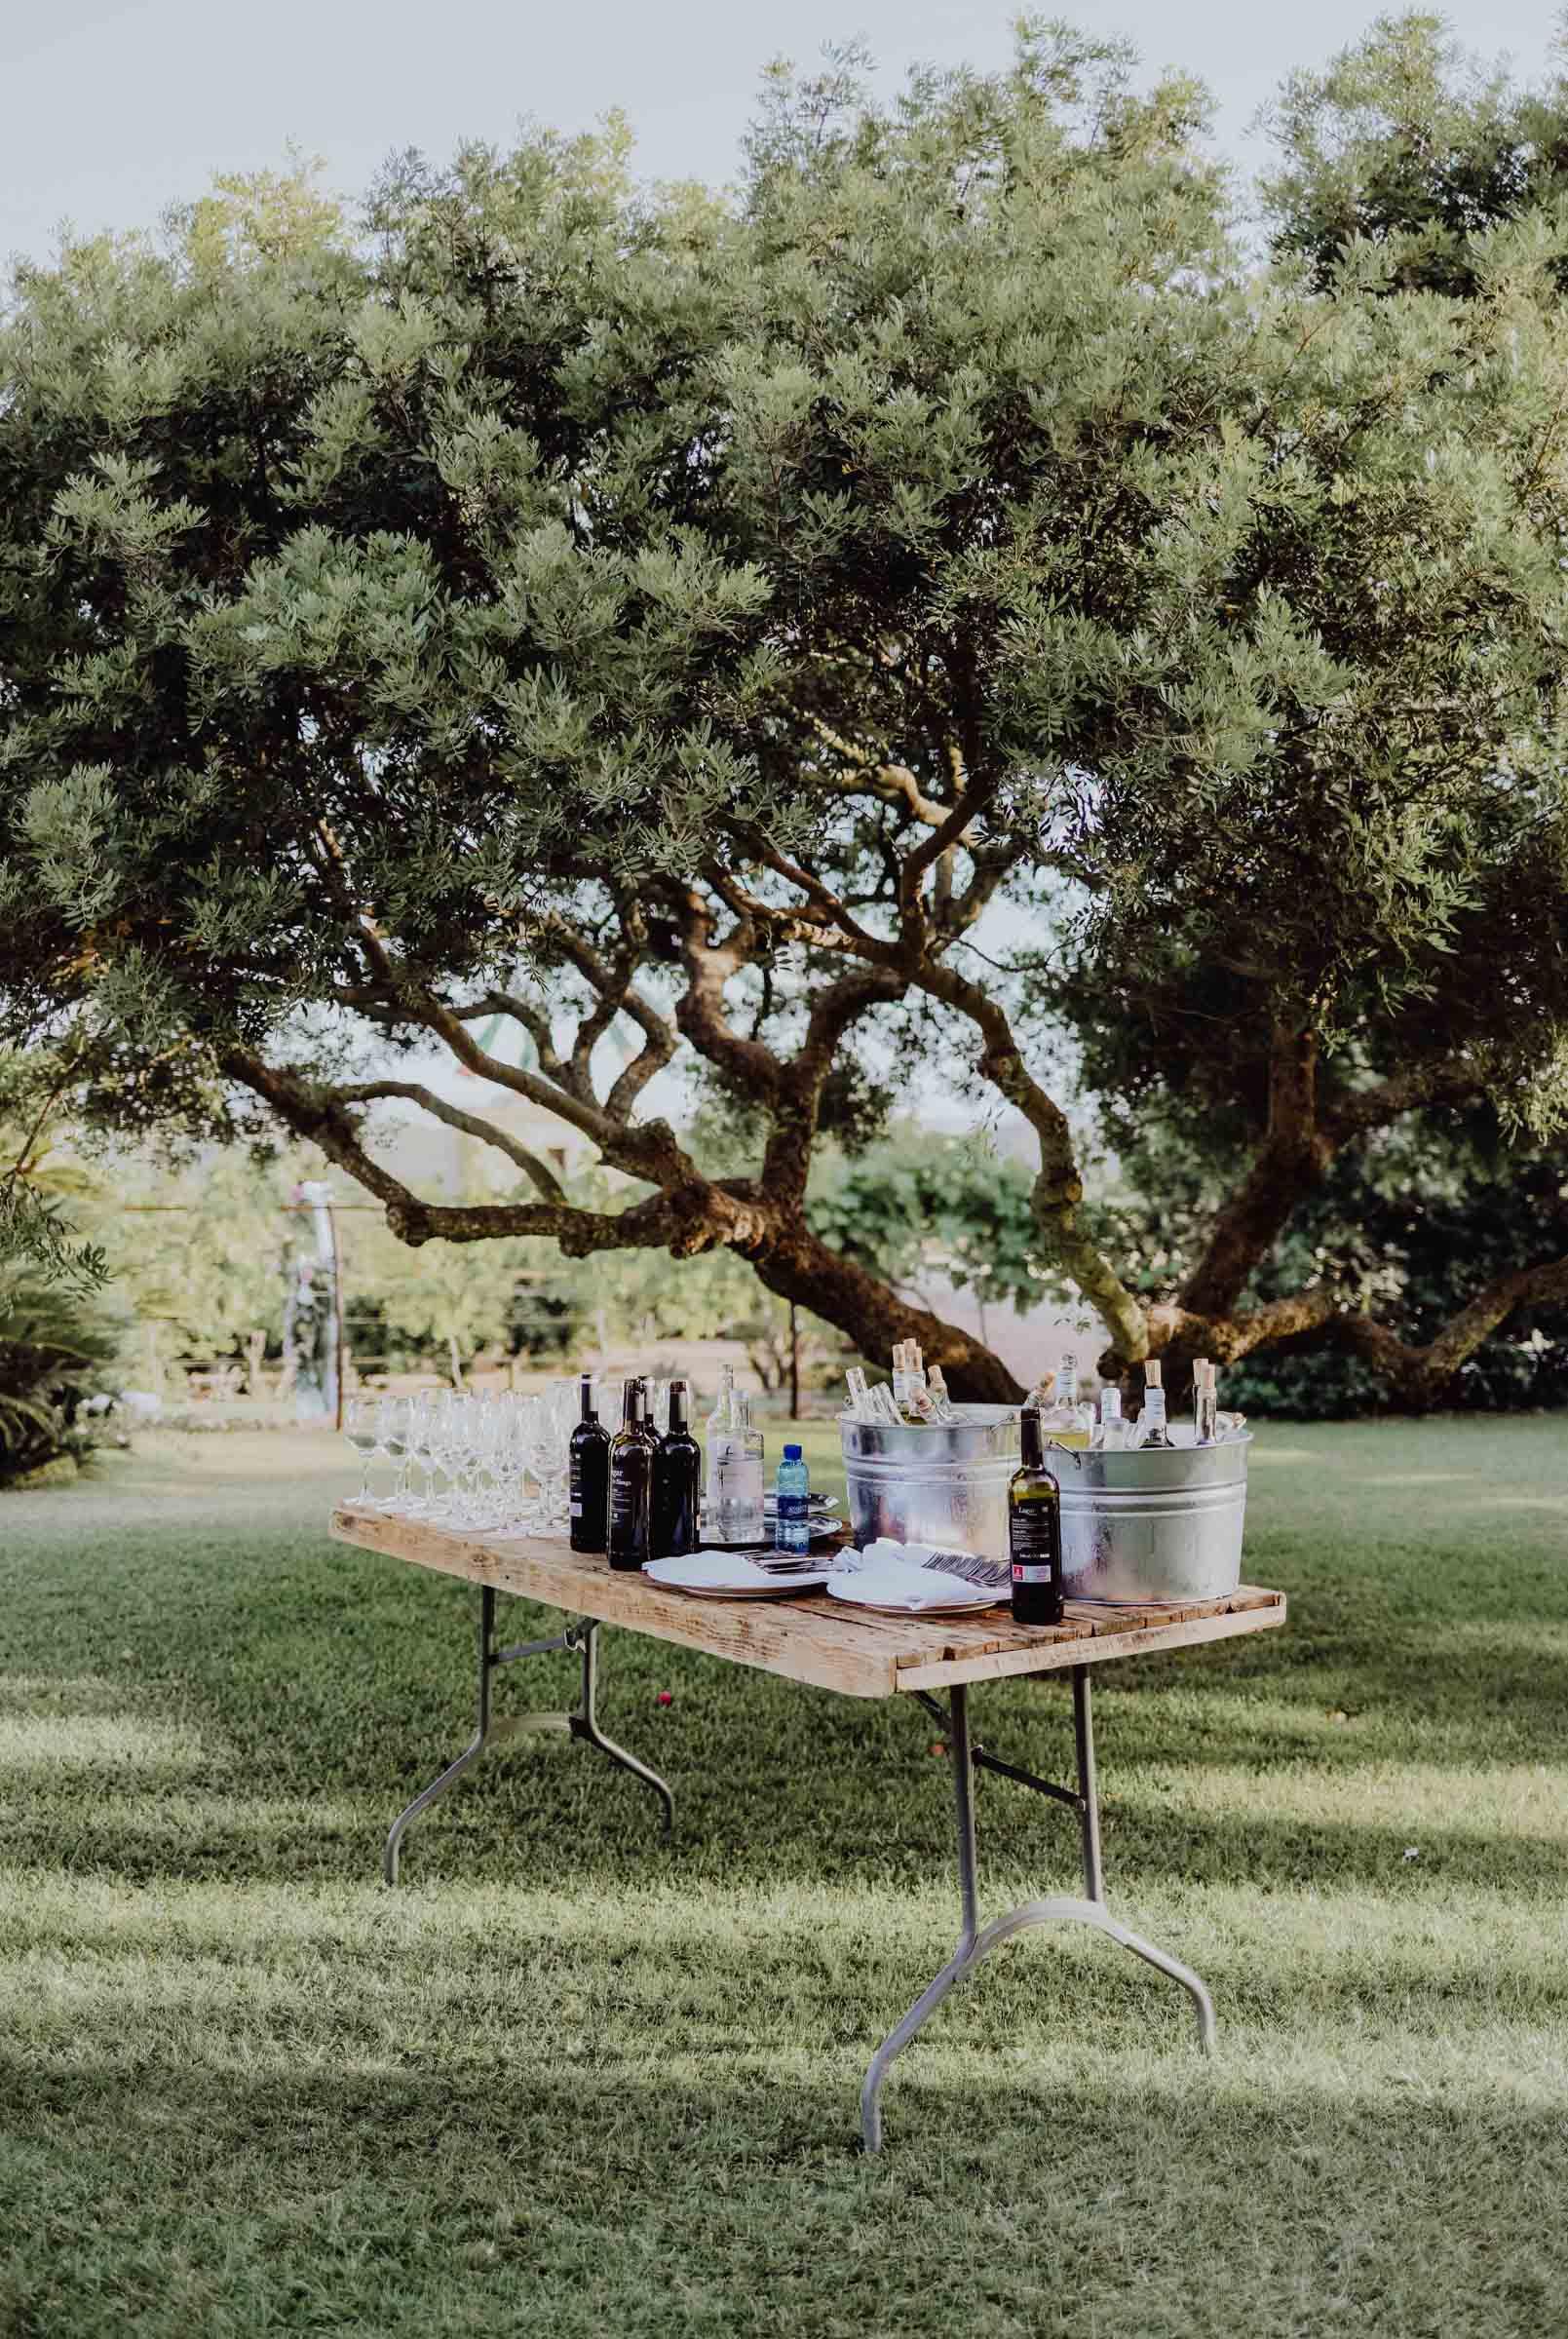 Tisch auf einer Wiese mit Flaschen und Gläsern